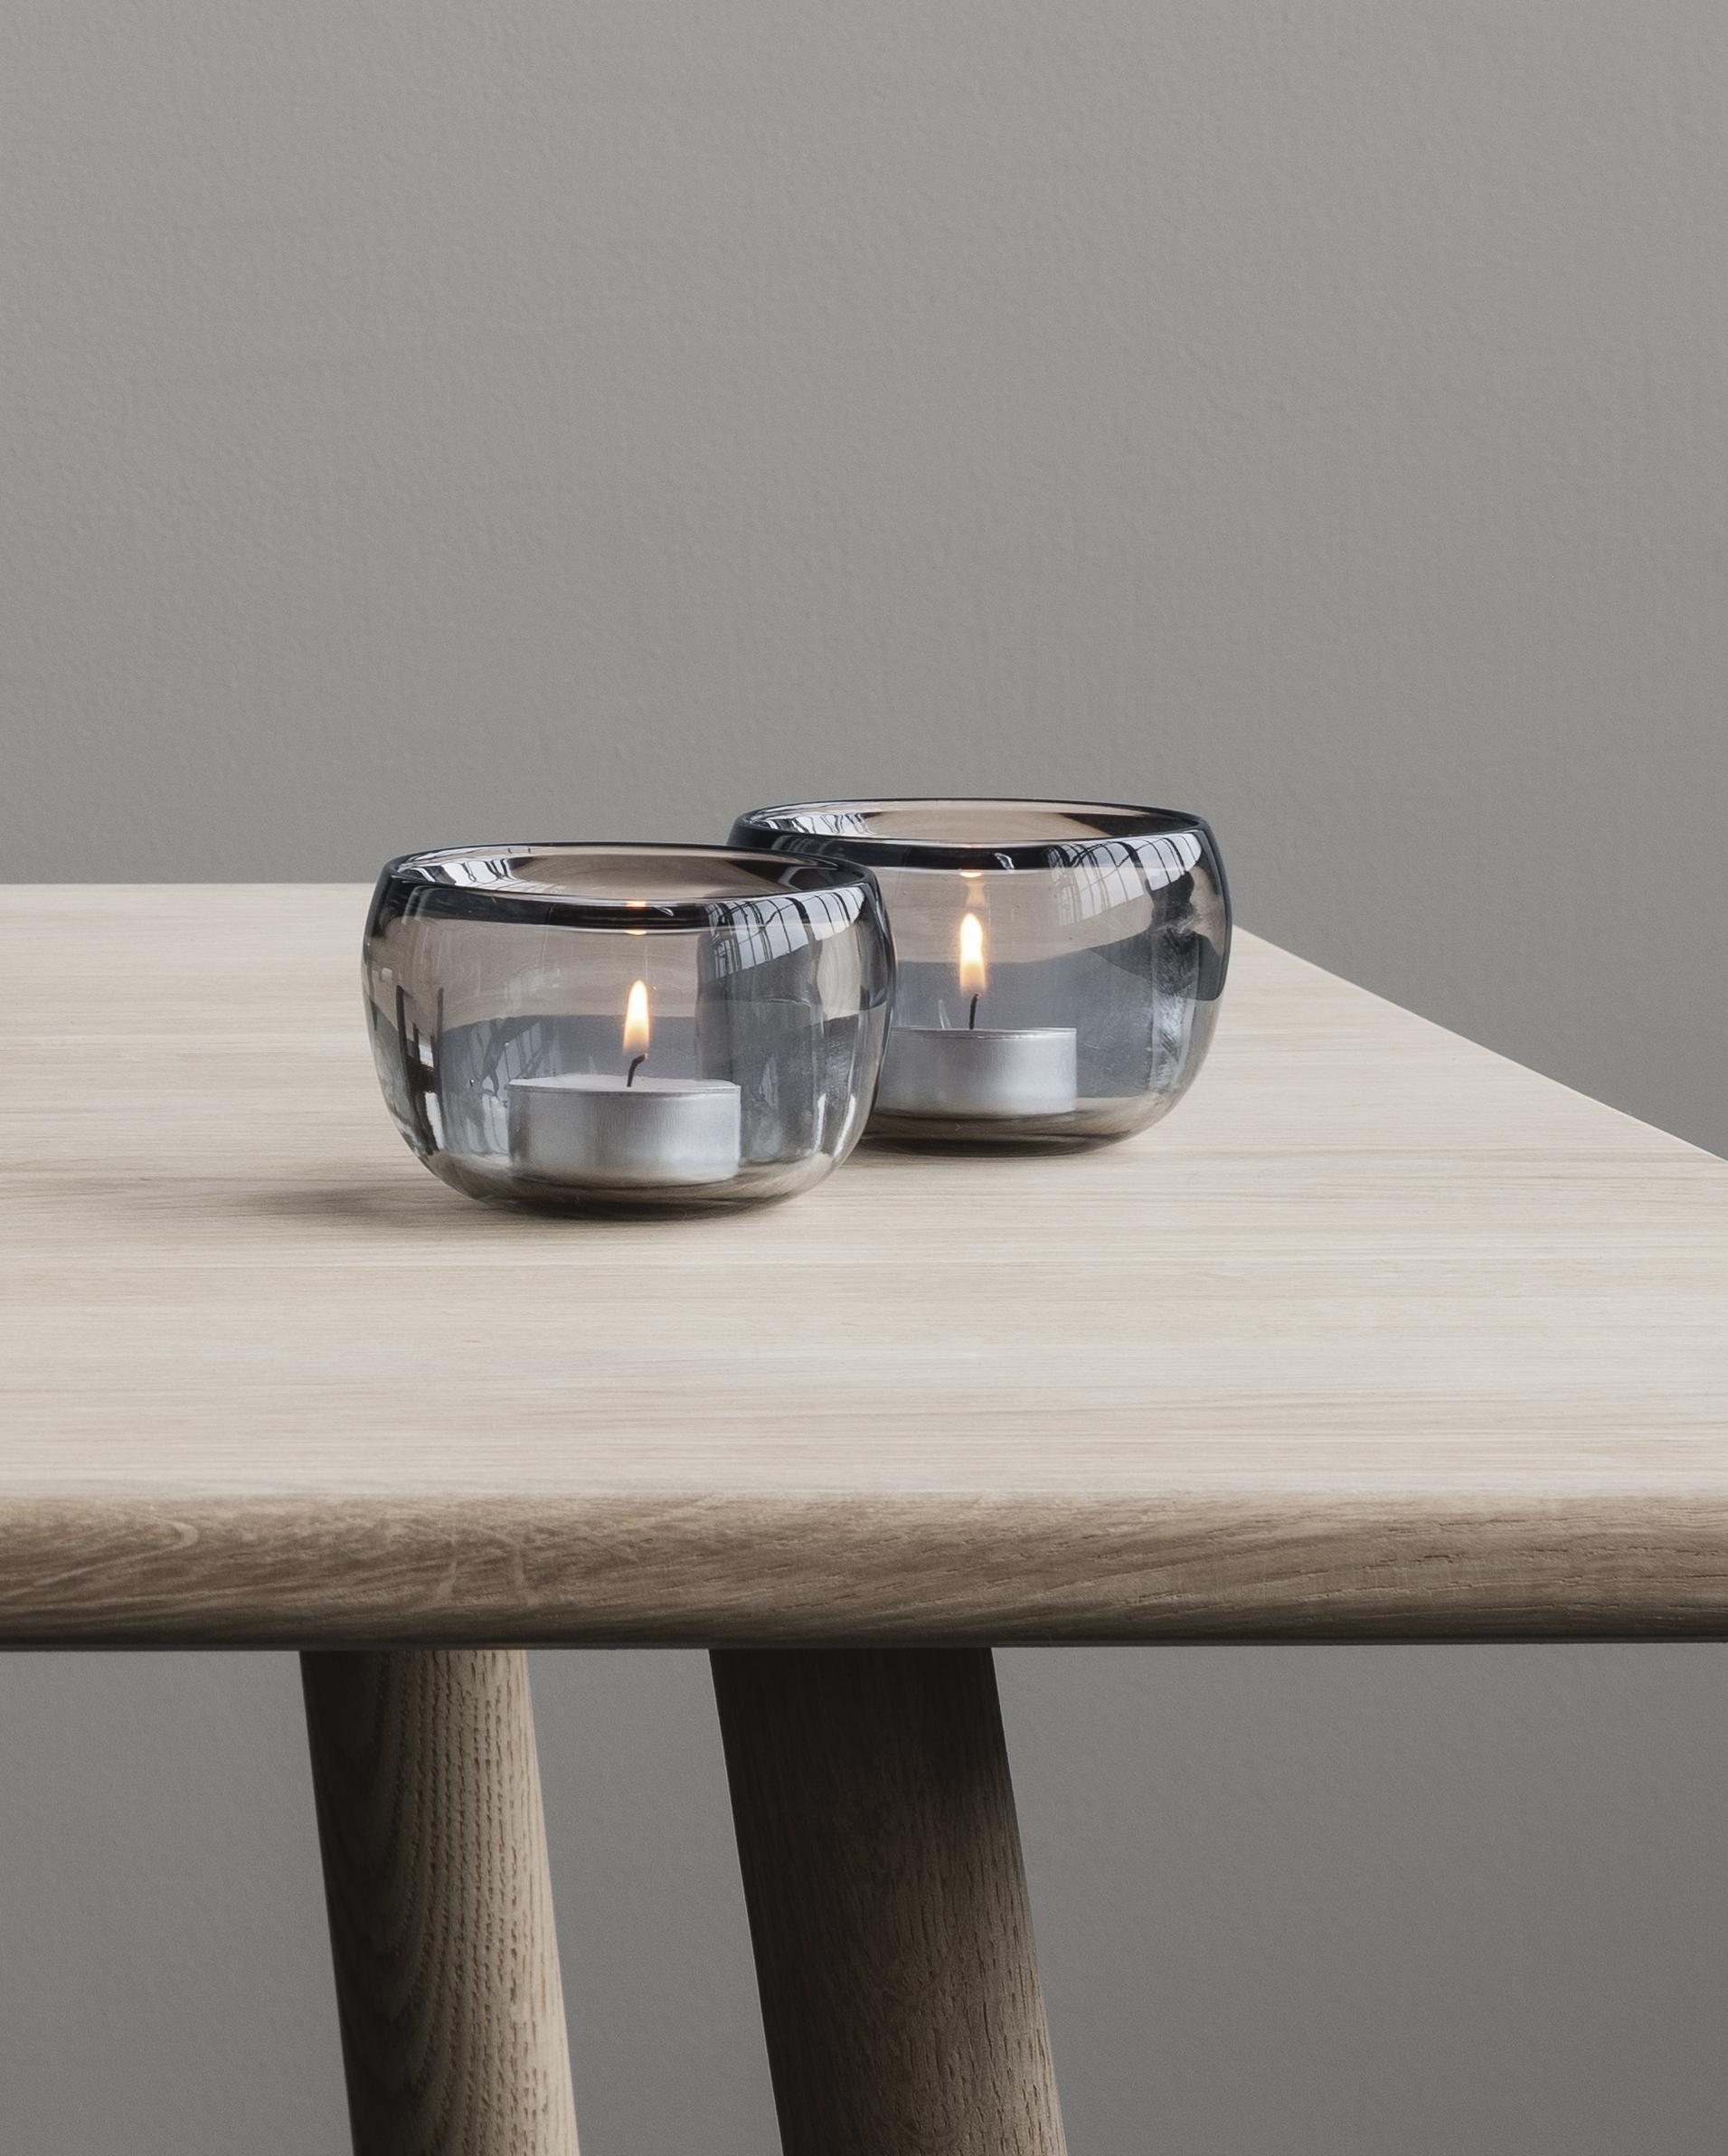 Ora glass tea-light holder by Debiasi Sandri for Stelton